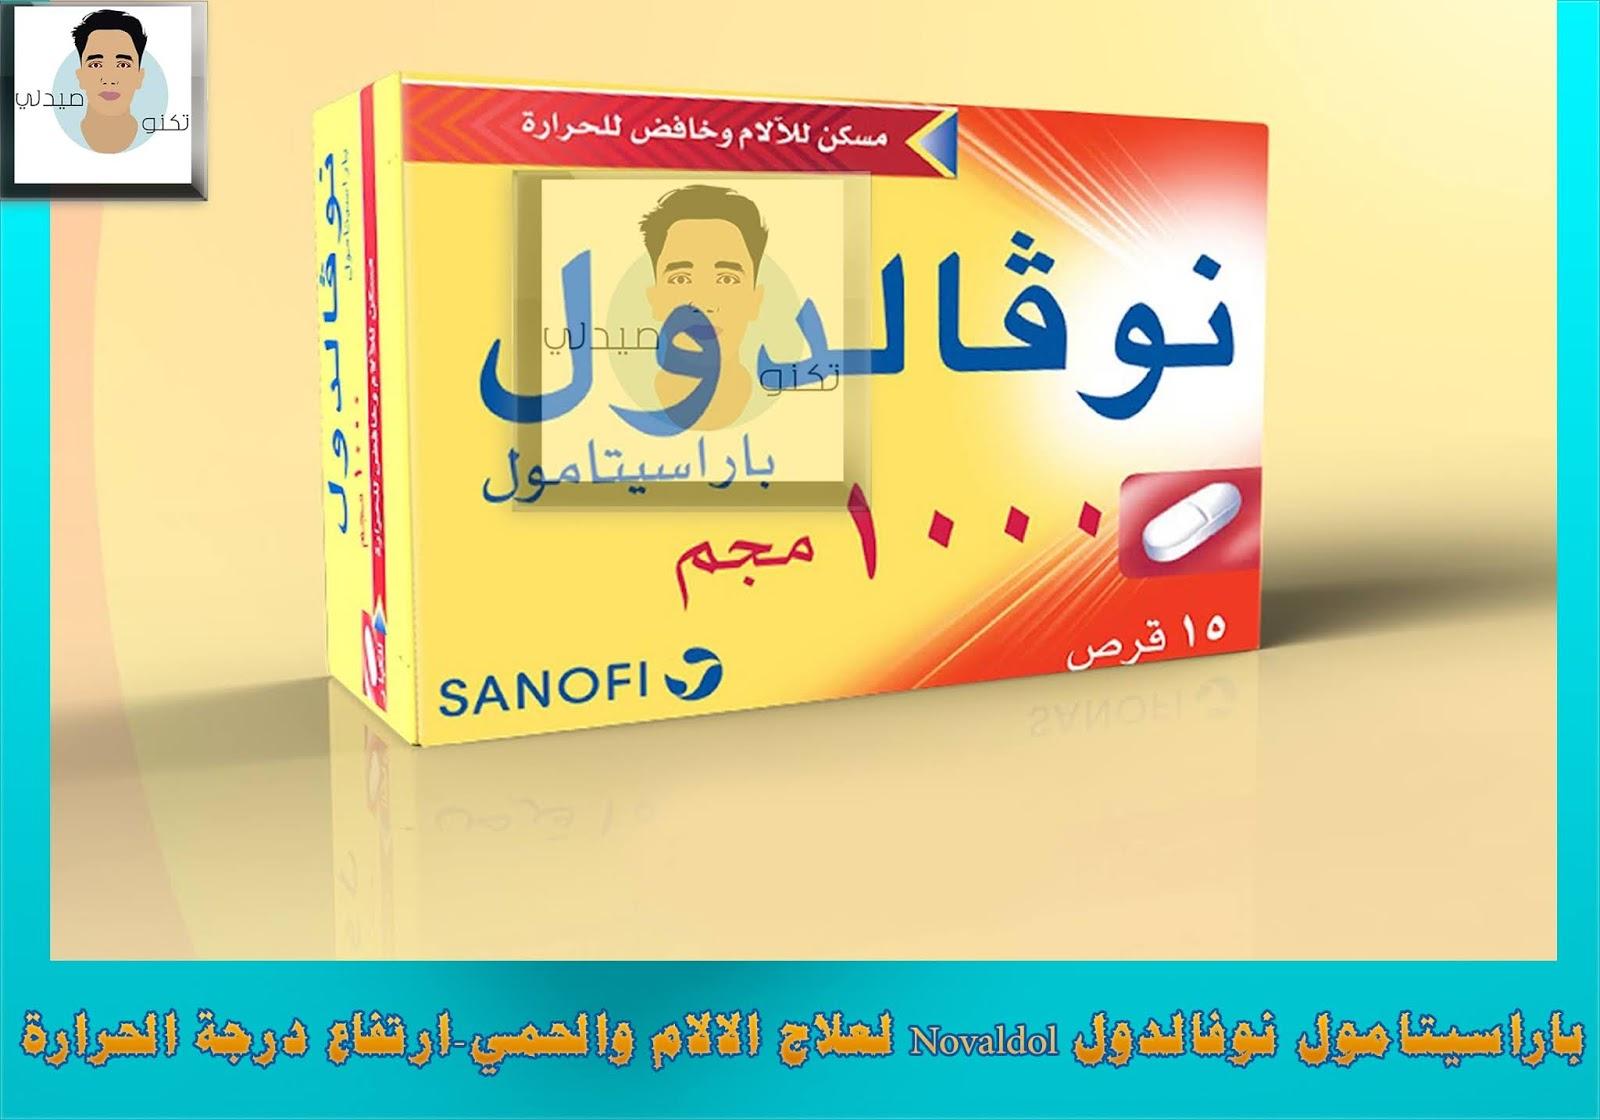 باراسيتامول نوفالدول Novaldol لعلاج الالام والحمي-ارتفاع درجة الحرارة